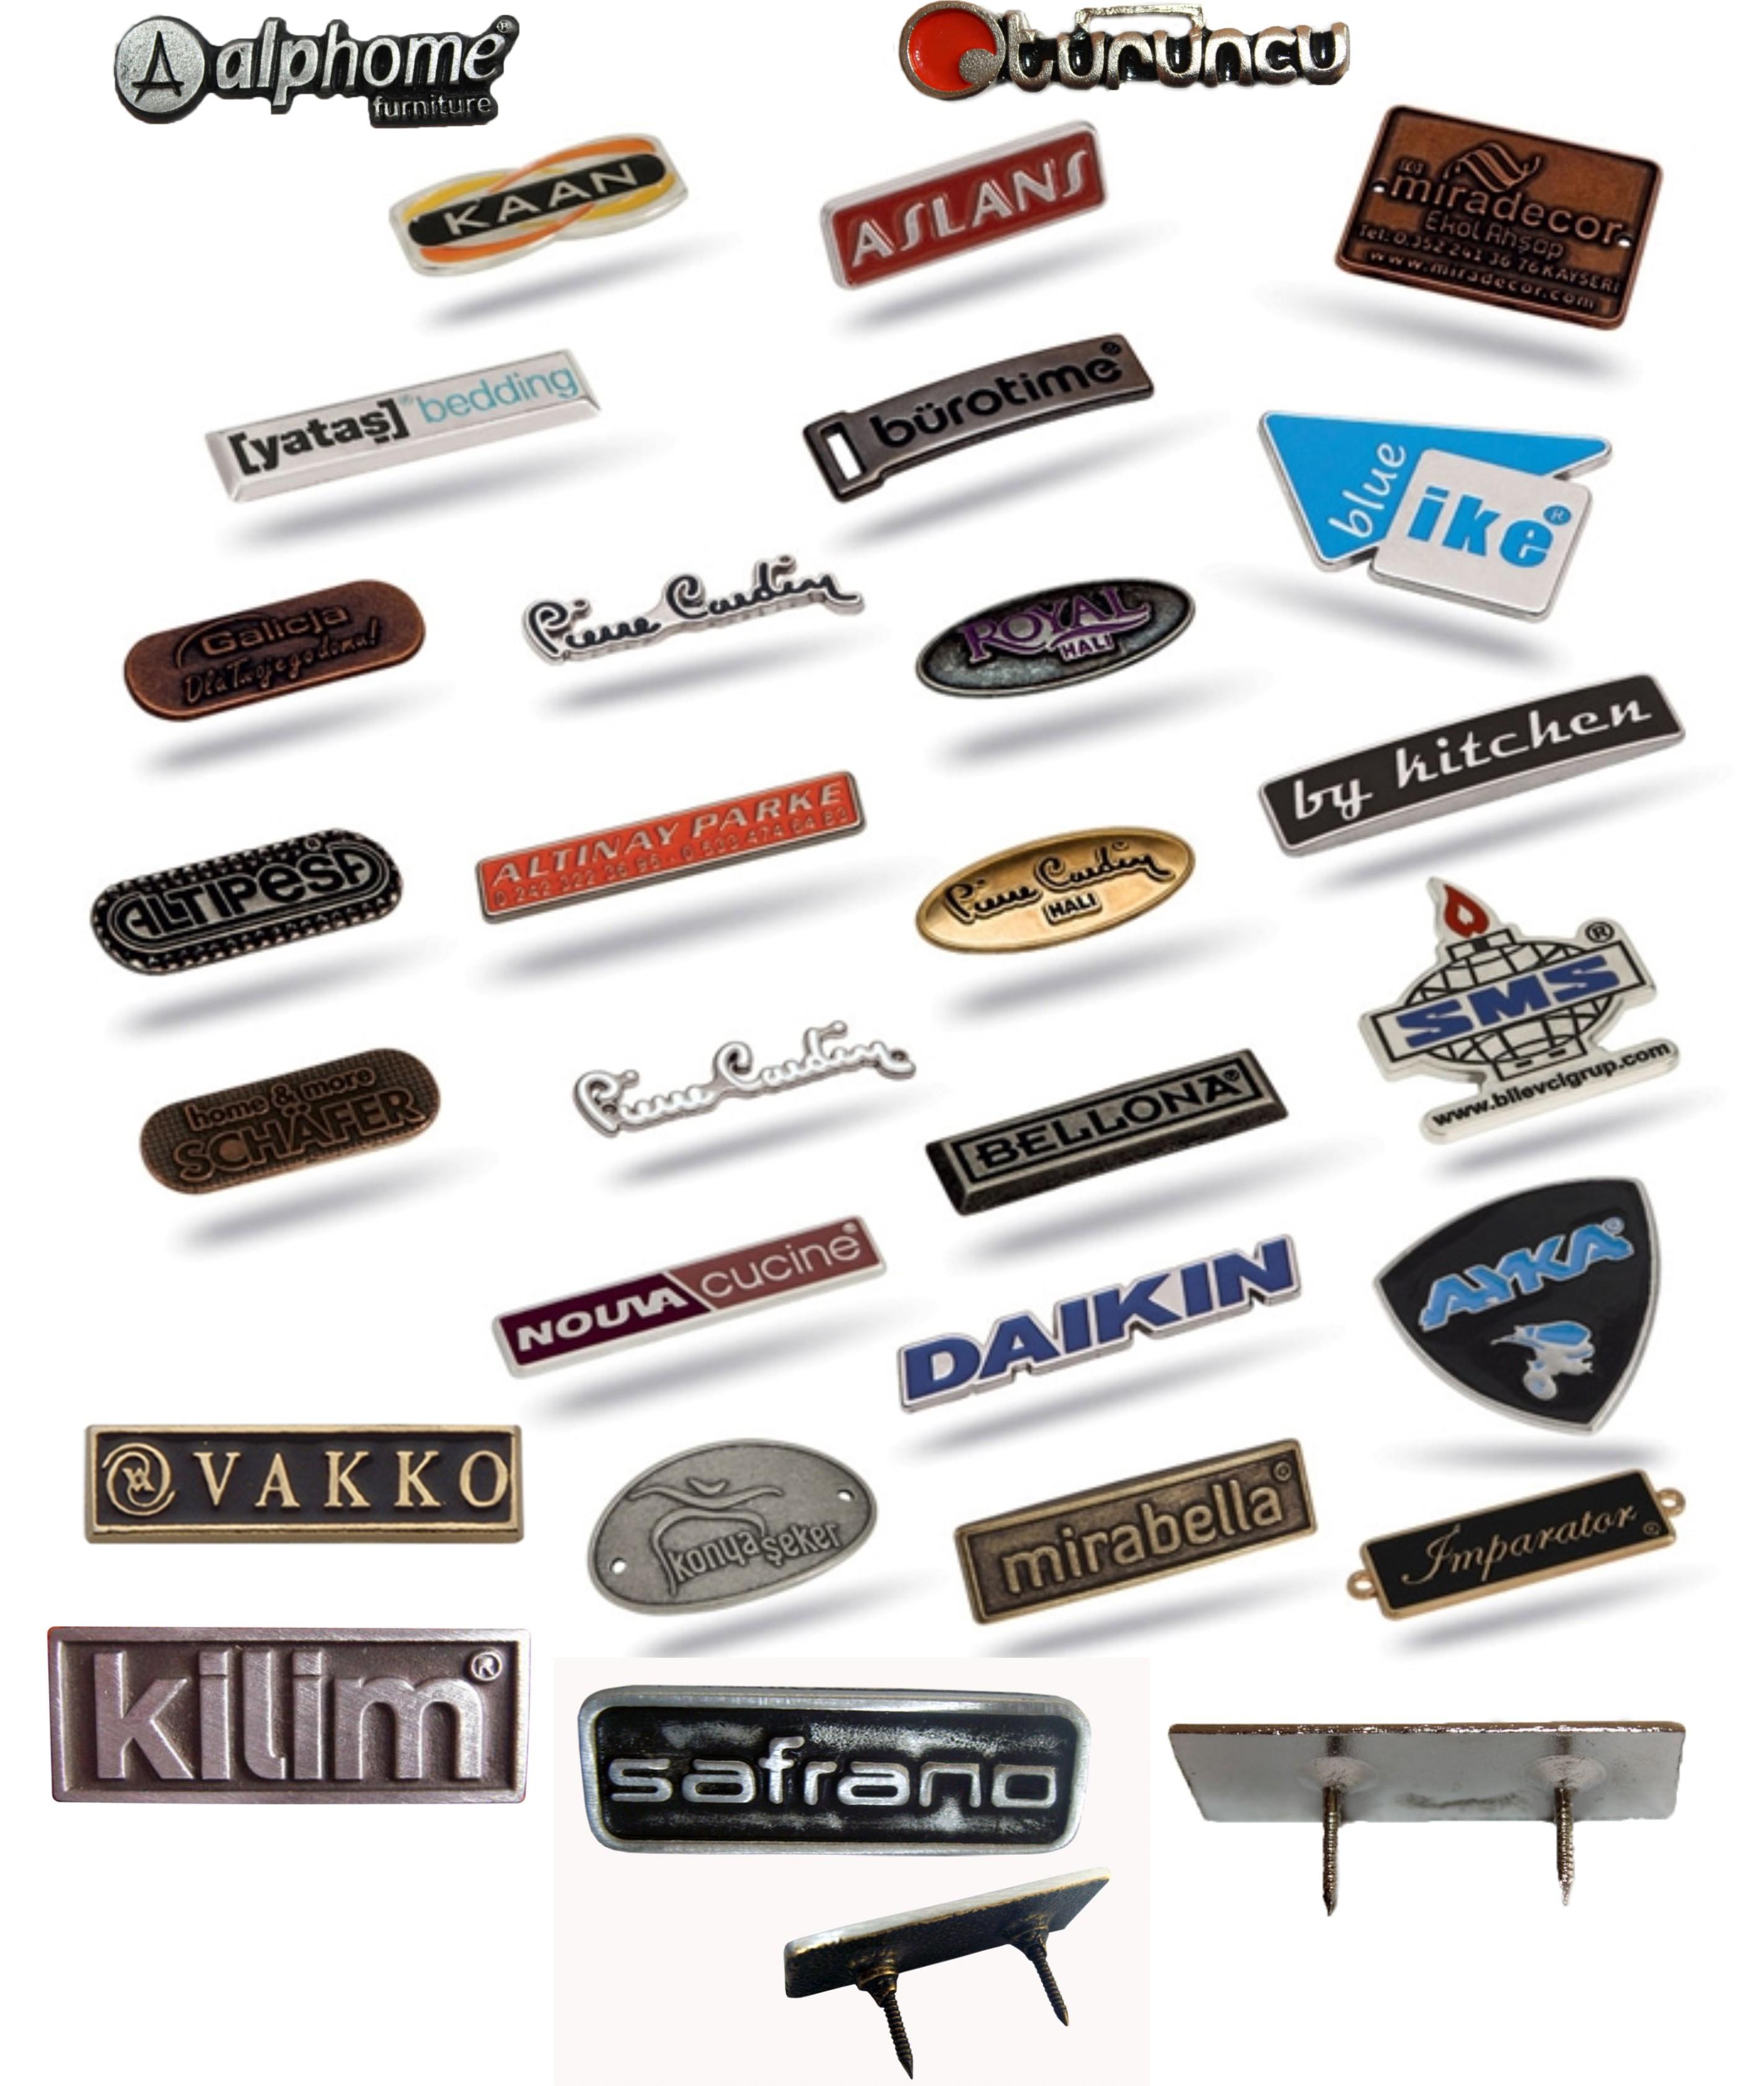 antik etiket,ark etiket,Bakır etiket,beyaz eşya etiketi,çakma etiket,çelik kapı etiketi,damla,damla etiket,döküm etiket,döküm etiket imalatçıları,eskitme etiket,etiket,Gümüş etiket,kalay etiket,konya etiket imlatçıları,konya metal etiket imlatçıları,medikal makine etiketleri,metal,metal etiket imlatçıları,mobilya etiketi,otomotiv etiketi,Pirinç etiket,promosyon,raf etiketi,silikon etiket,üç boyutlu etiket,vidali etiket,yapıştırma etiket,zamak etiket,konya mobilya etiketi